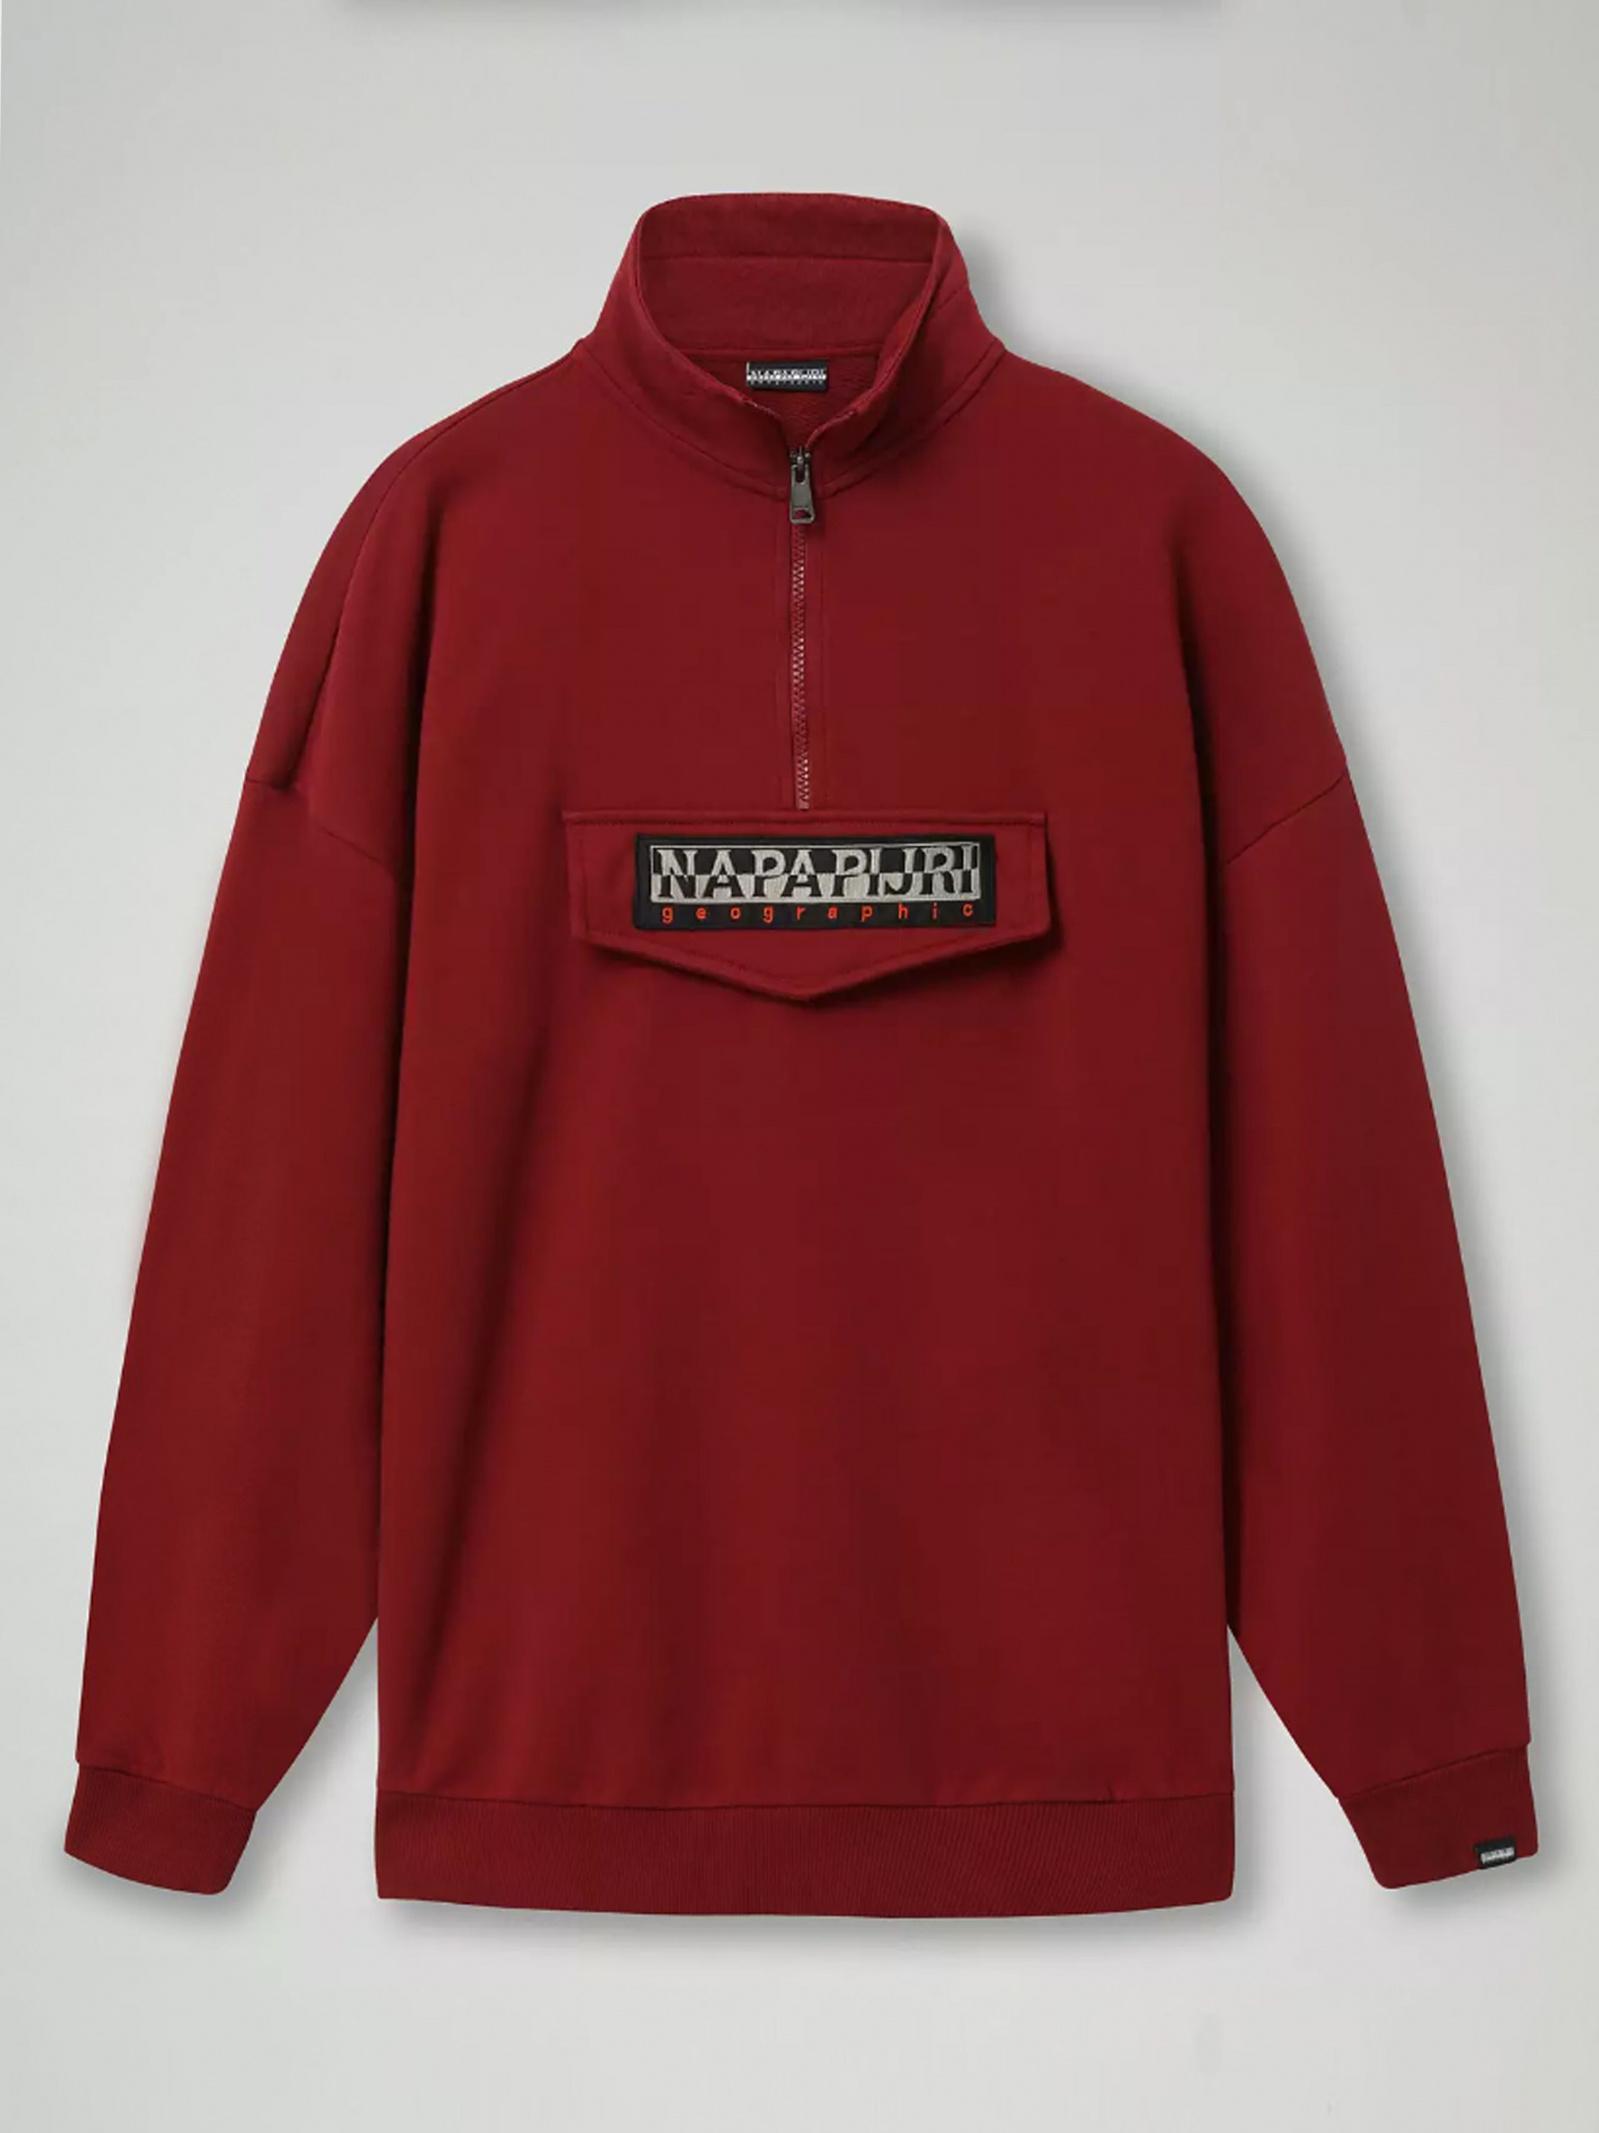 Кофты и свитера мужские Napapijri модель NP0A4E6KRA51 купить, 2017